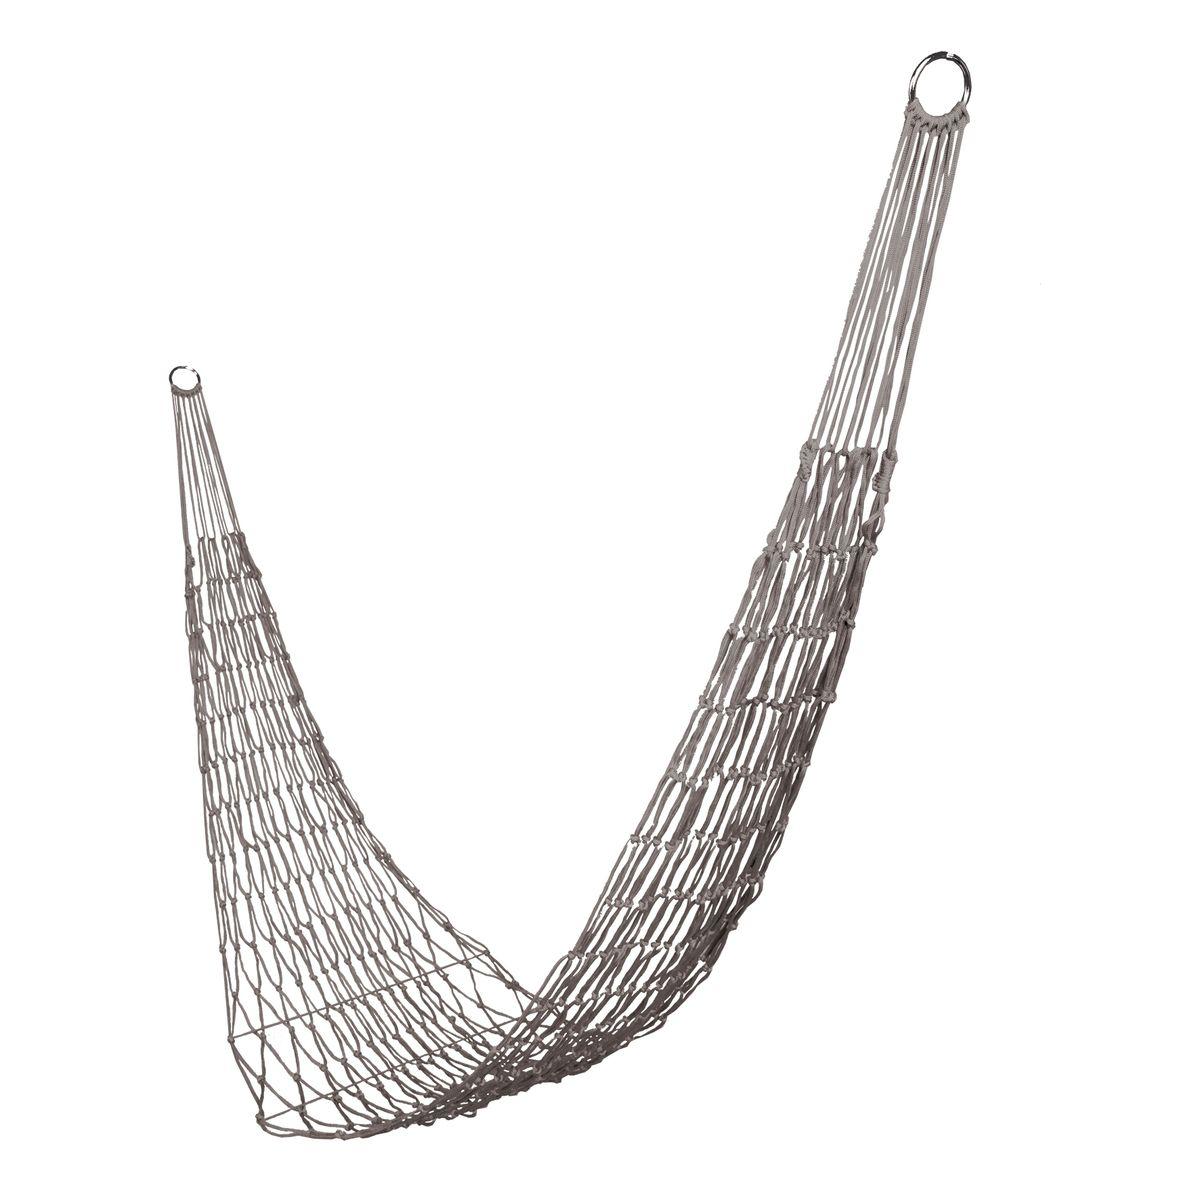 Гамак-сетка Boyscout Походный, цвет: серый, 200 х 80 см61074Легкий, прочный и компактный гамак Boyscout Походный выполнен из высококачественного нейлона в виде сетки. Гамак предназначен для комфортного отдыха на даче, пикнике или походе. Крепится изделие к двум опорам (деревьям или стойкам). Использование гамака в домашних условиях предполагает крепление на завинчивающие винты.Такой гамак внесет дополнительный комфорт в ваш отдых.